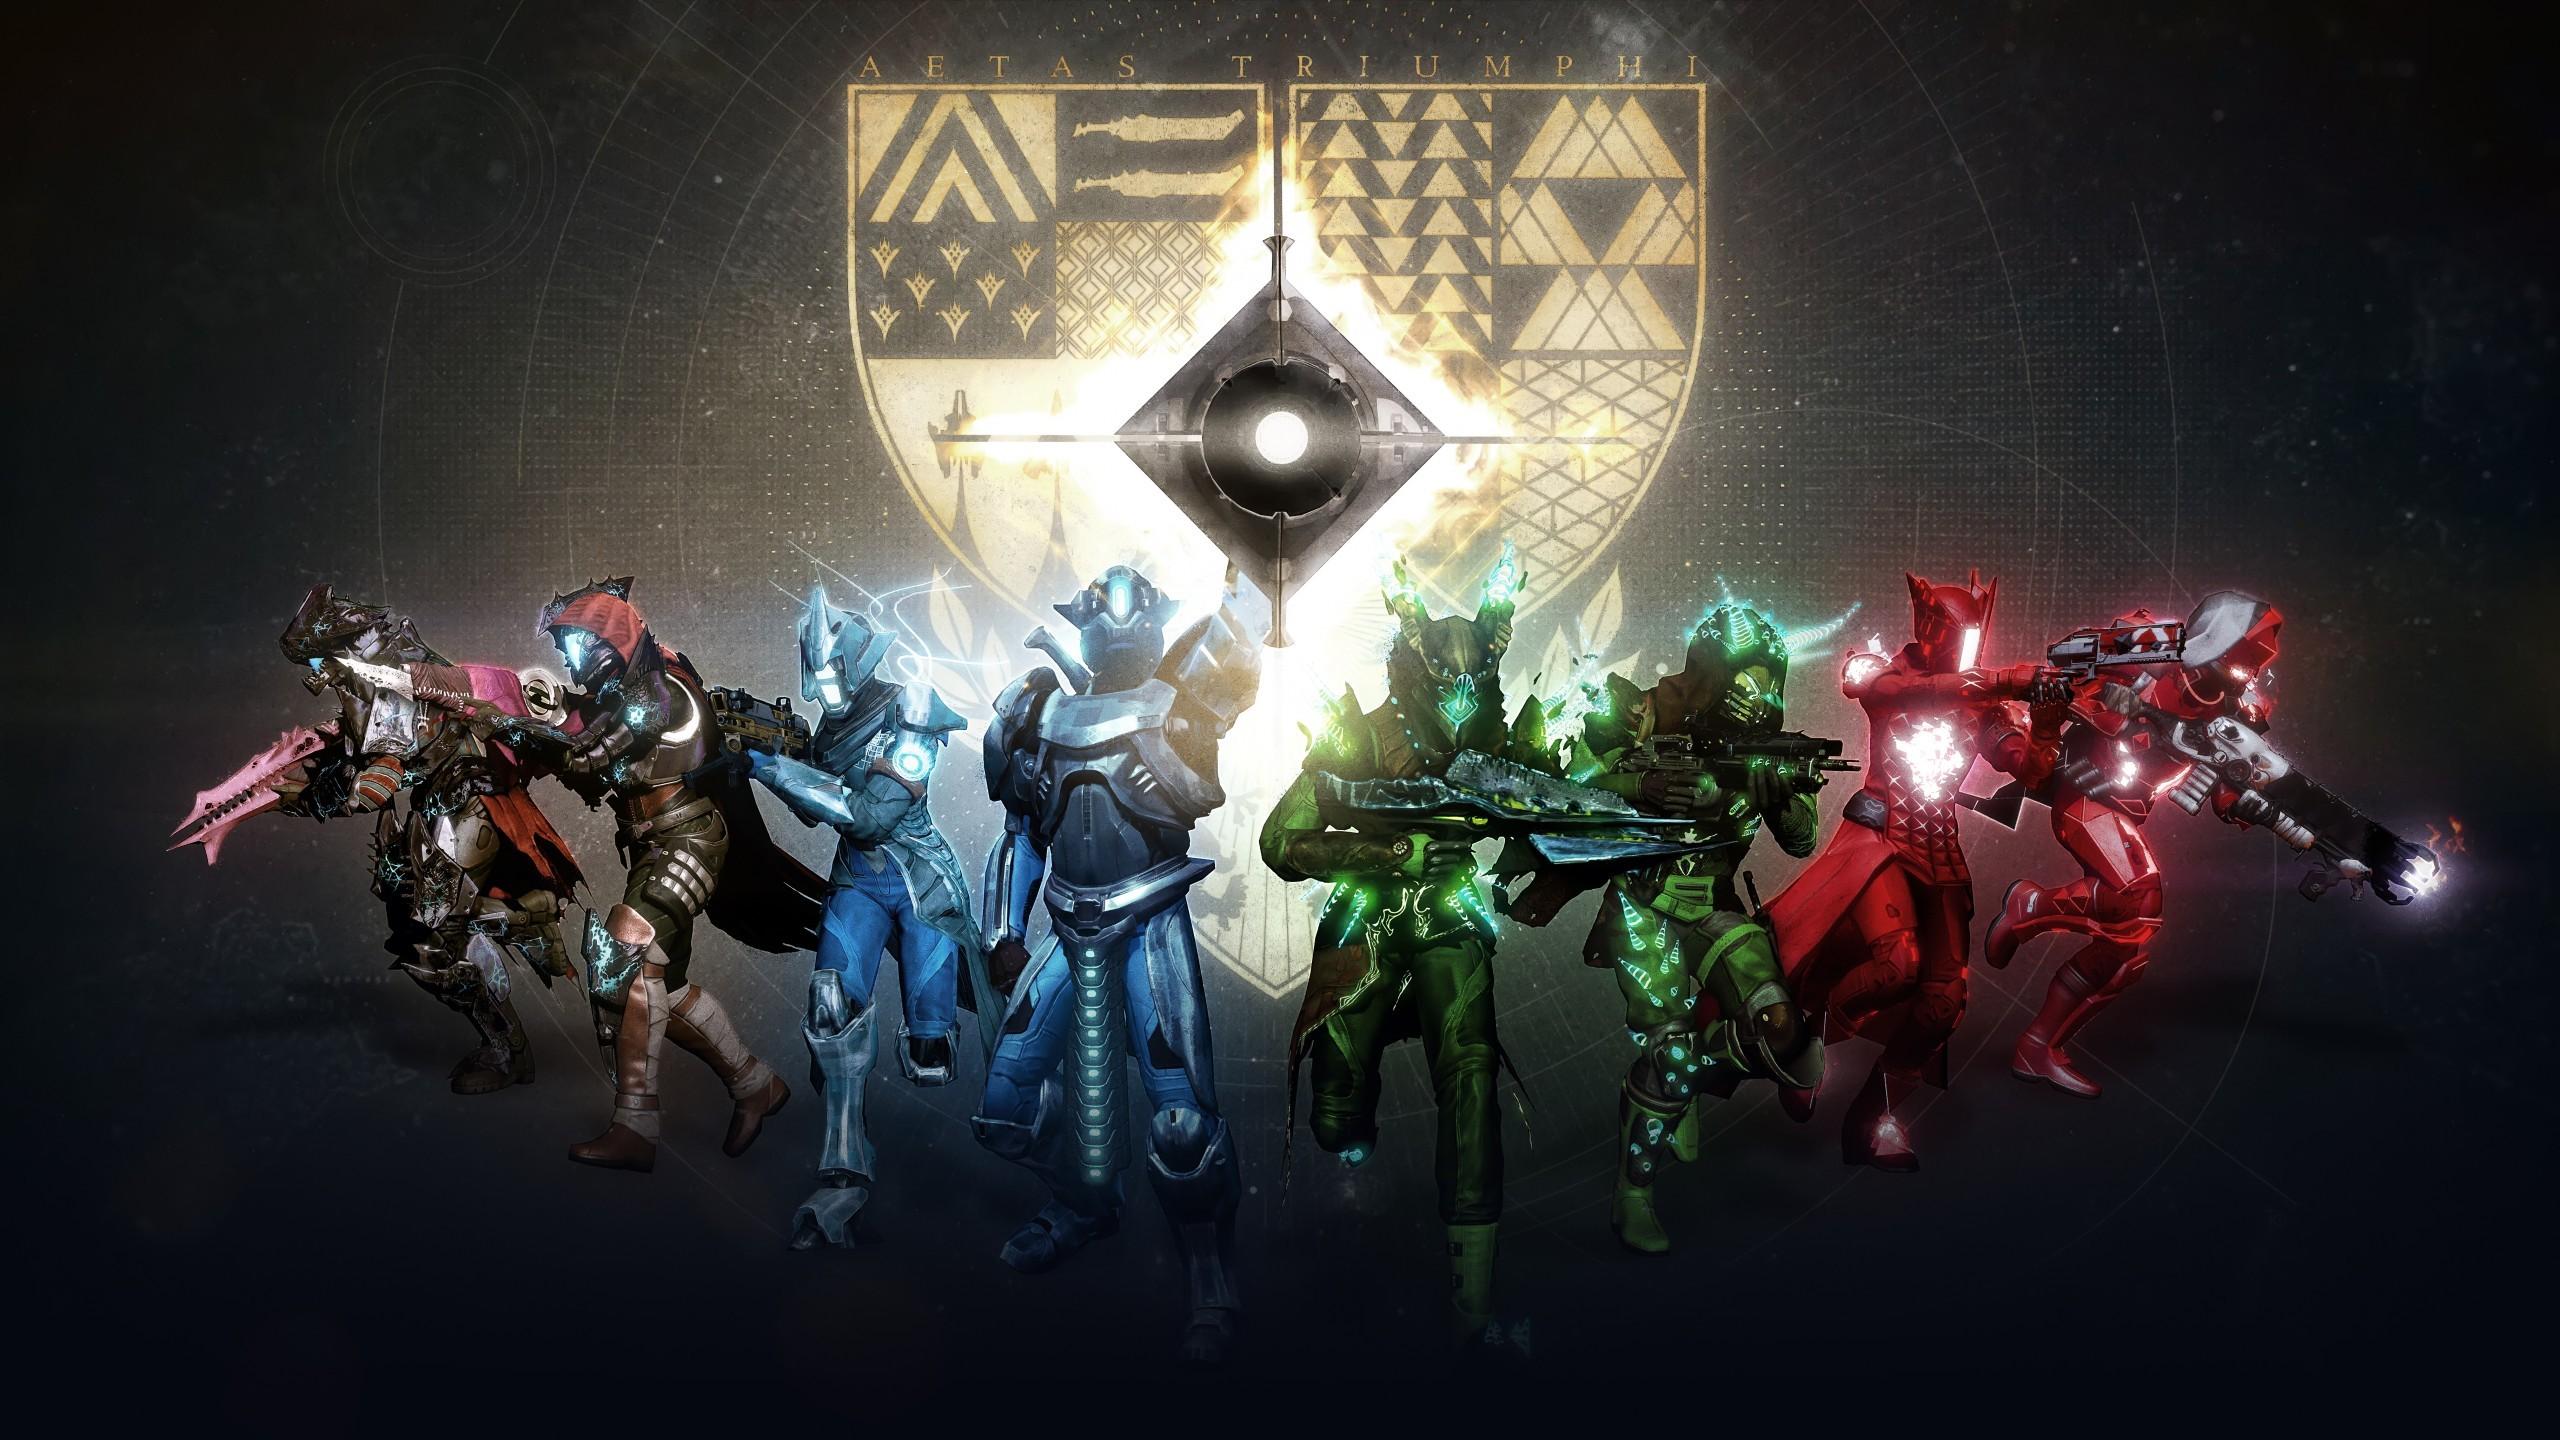 Games / Destiny Wallpaper